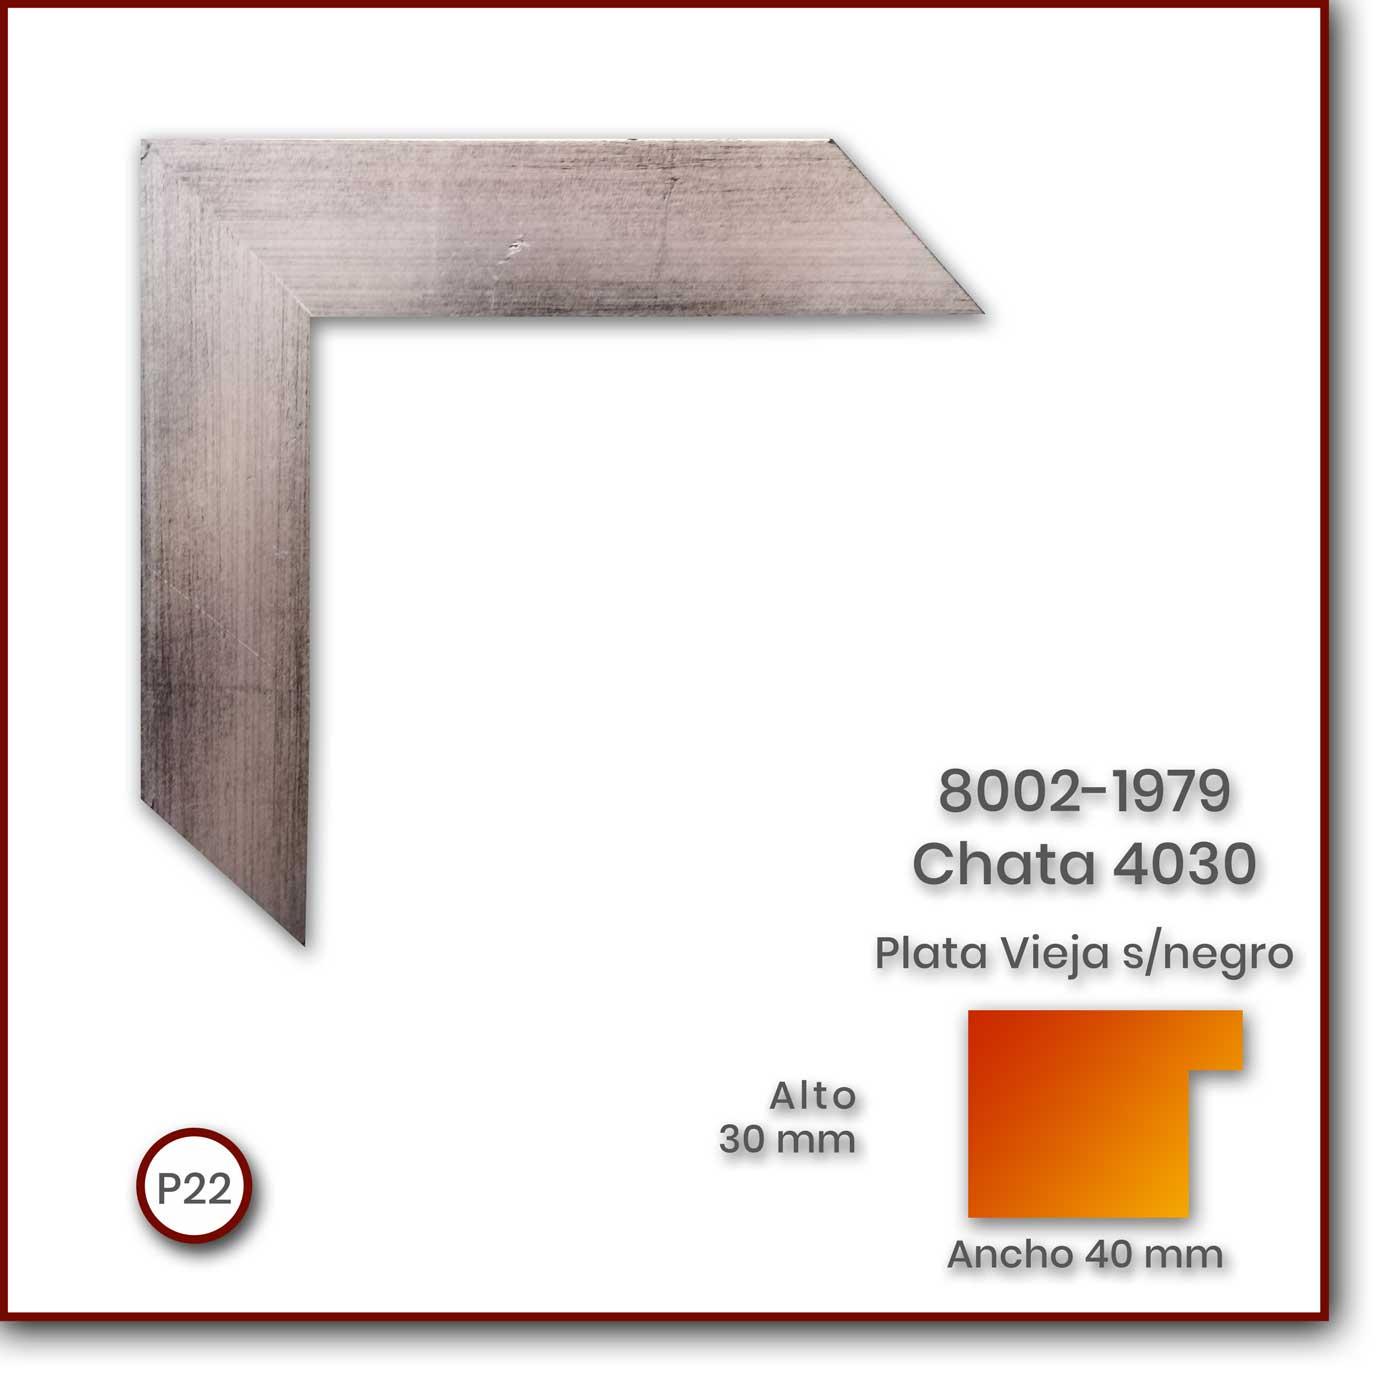 8002-1979-Chata-4030-Plata-Viejasnegro-40x30-P22